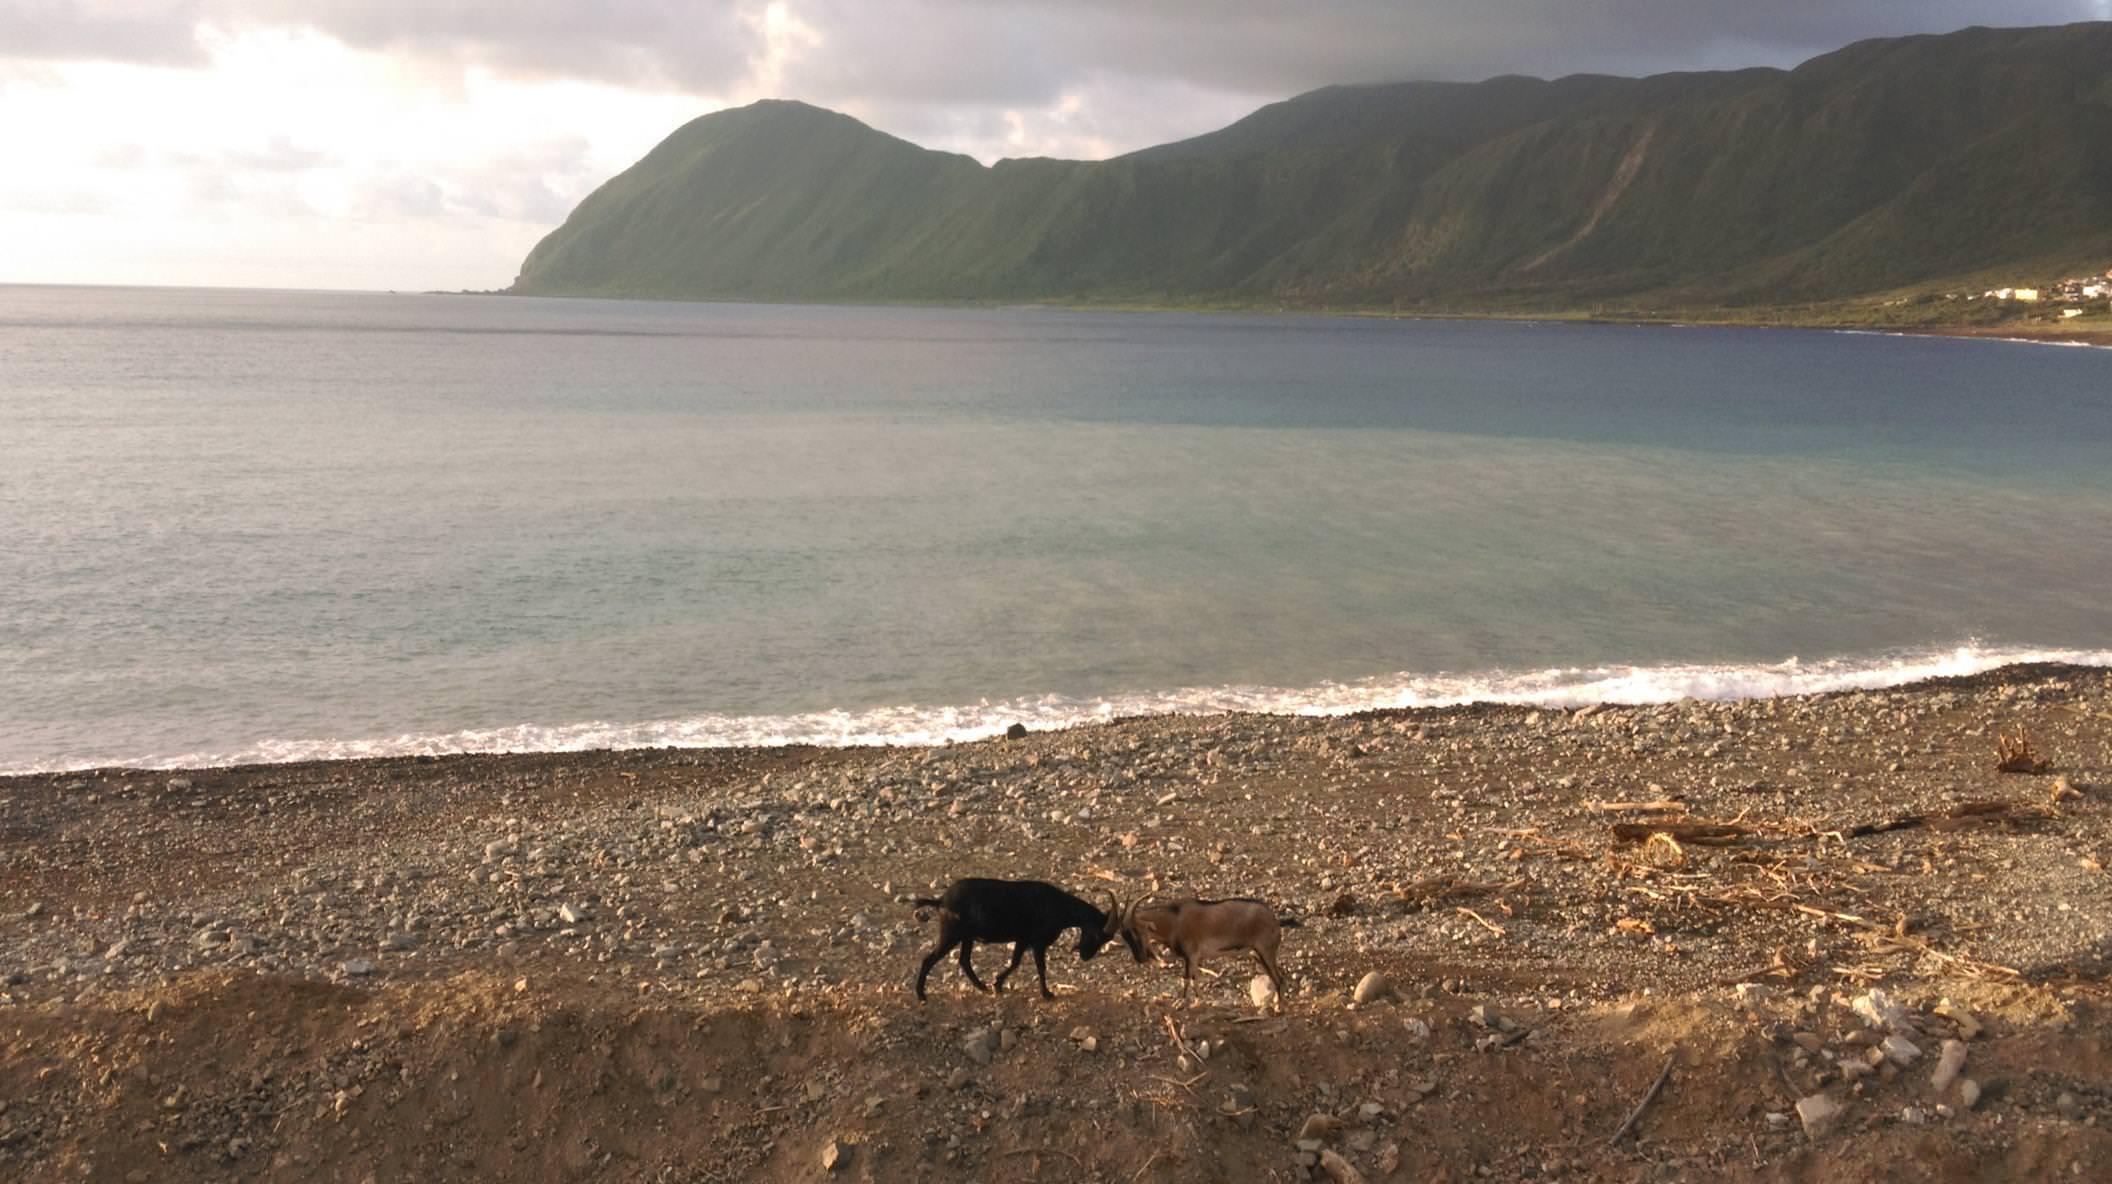 紅頭岩,蘭嶼旅遊,蘭嶼潛水,蘭嶼自由行,蘭嶼景點,飛魚祭,拼板舟